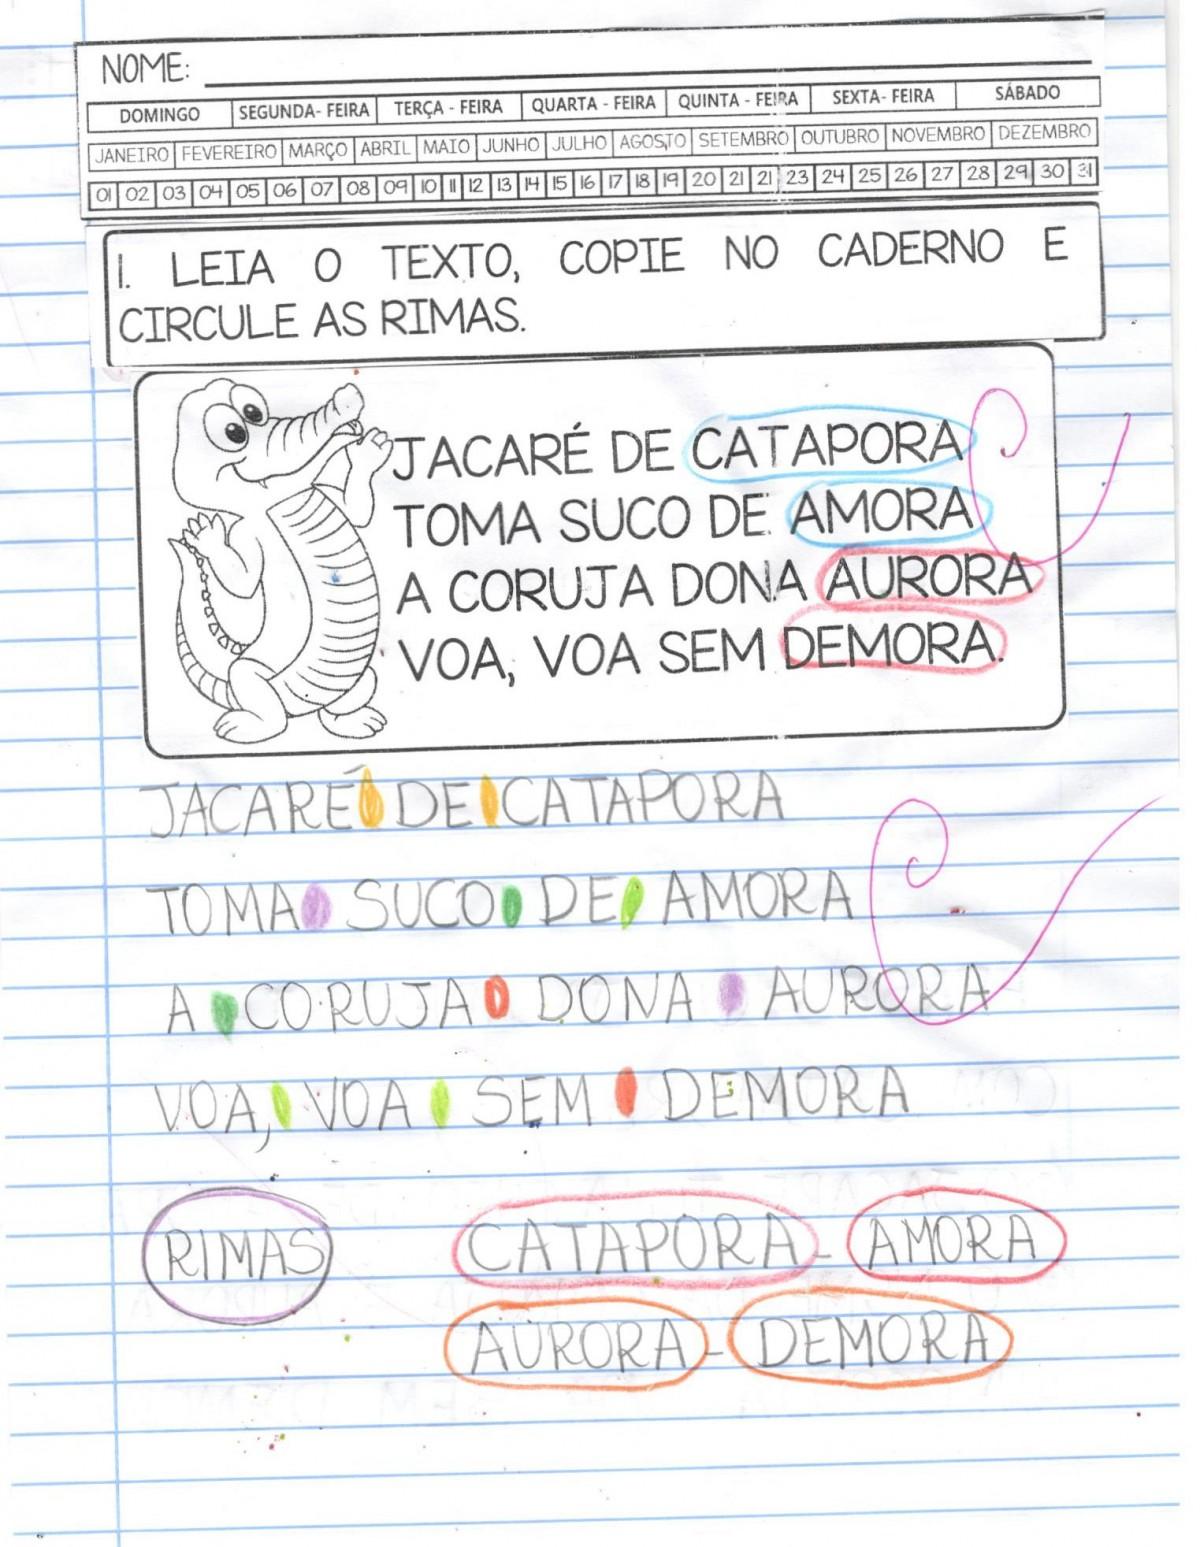 Foto5 - Caderno Jacaré de catapora com habilidades da BNCC - Letra J